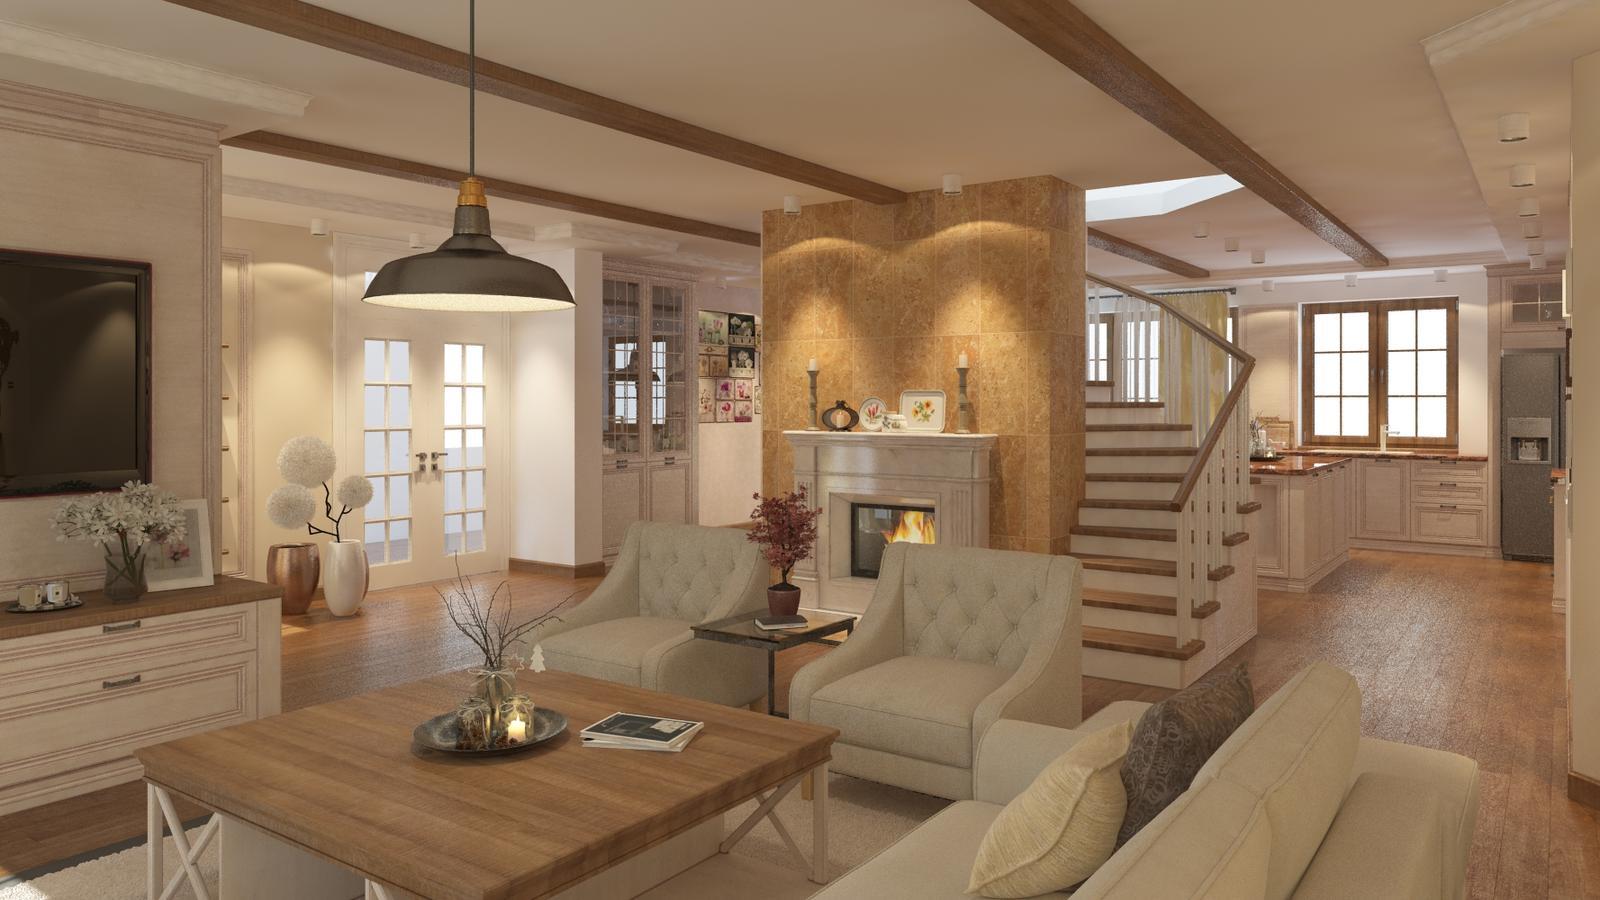 Návrh interiéru rodinného domu - Obrázok č. 1